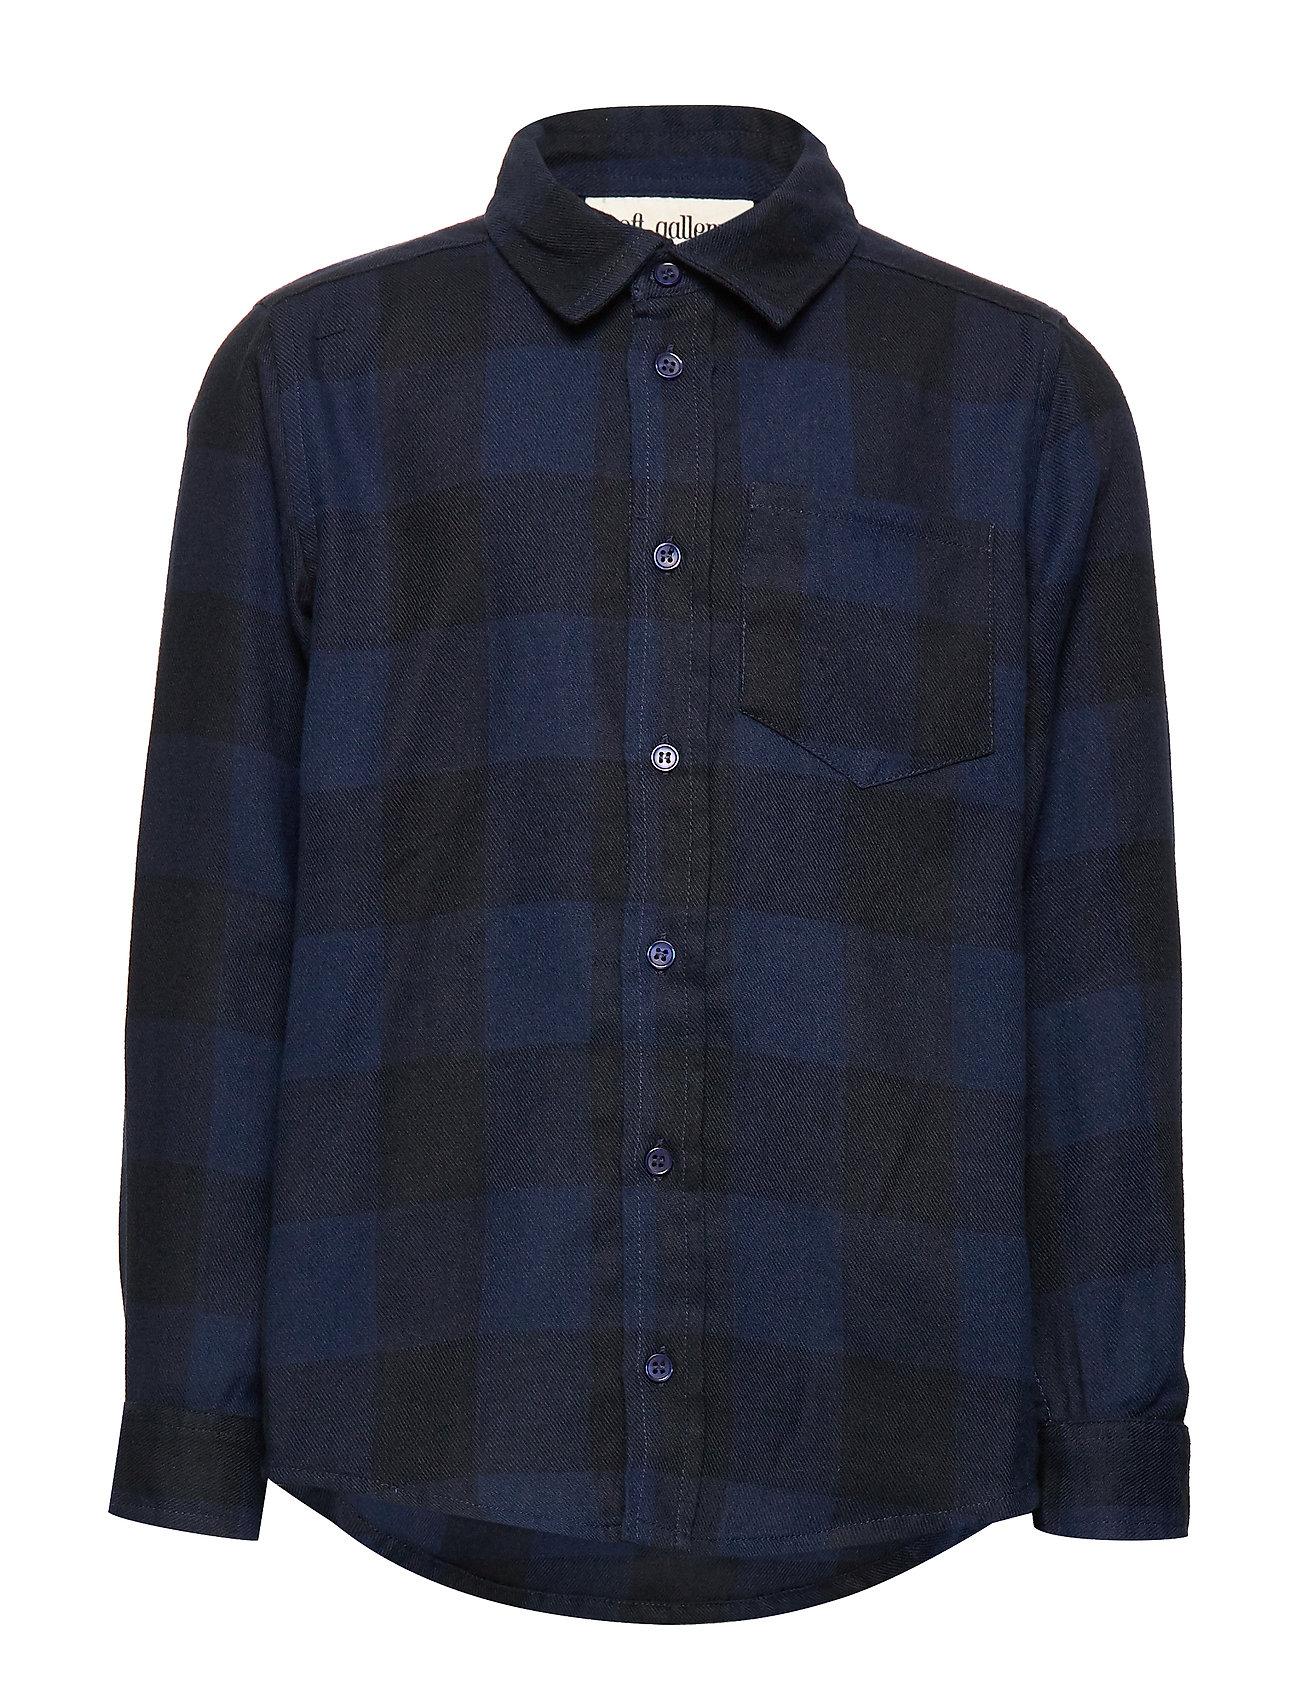 Soft Gallery Bentley Shirt - DRESS BLUES OVERDYE